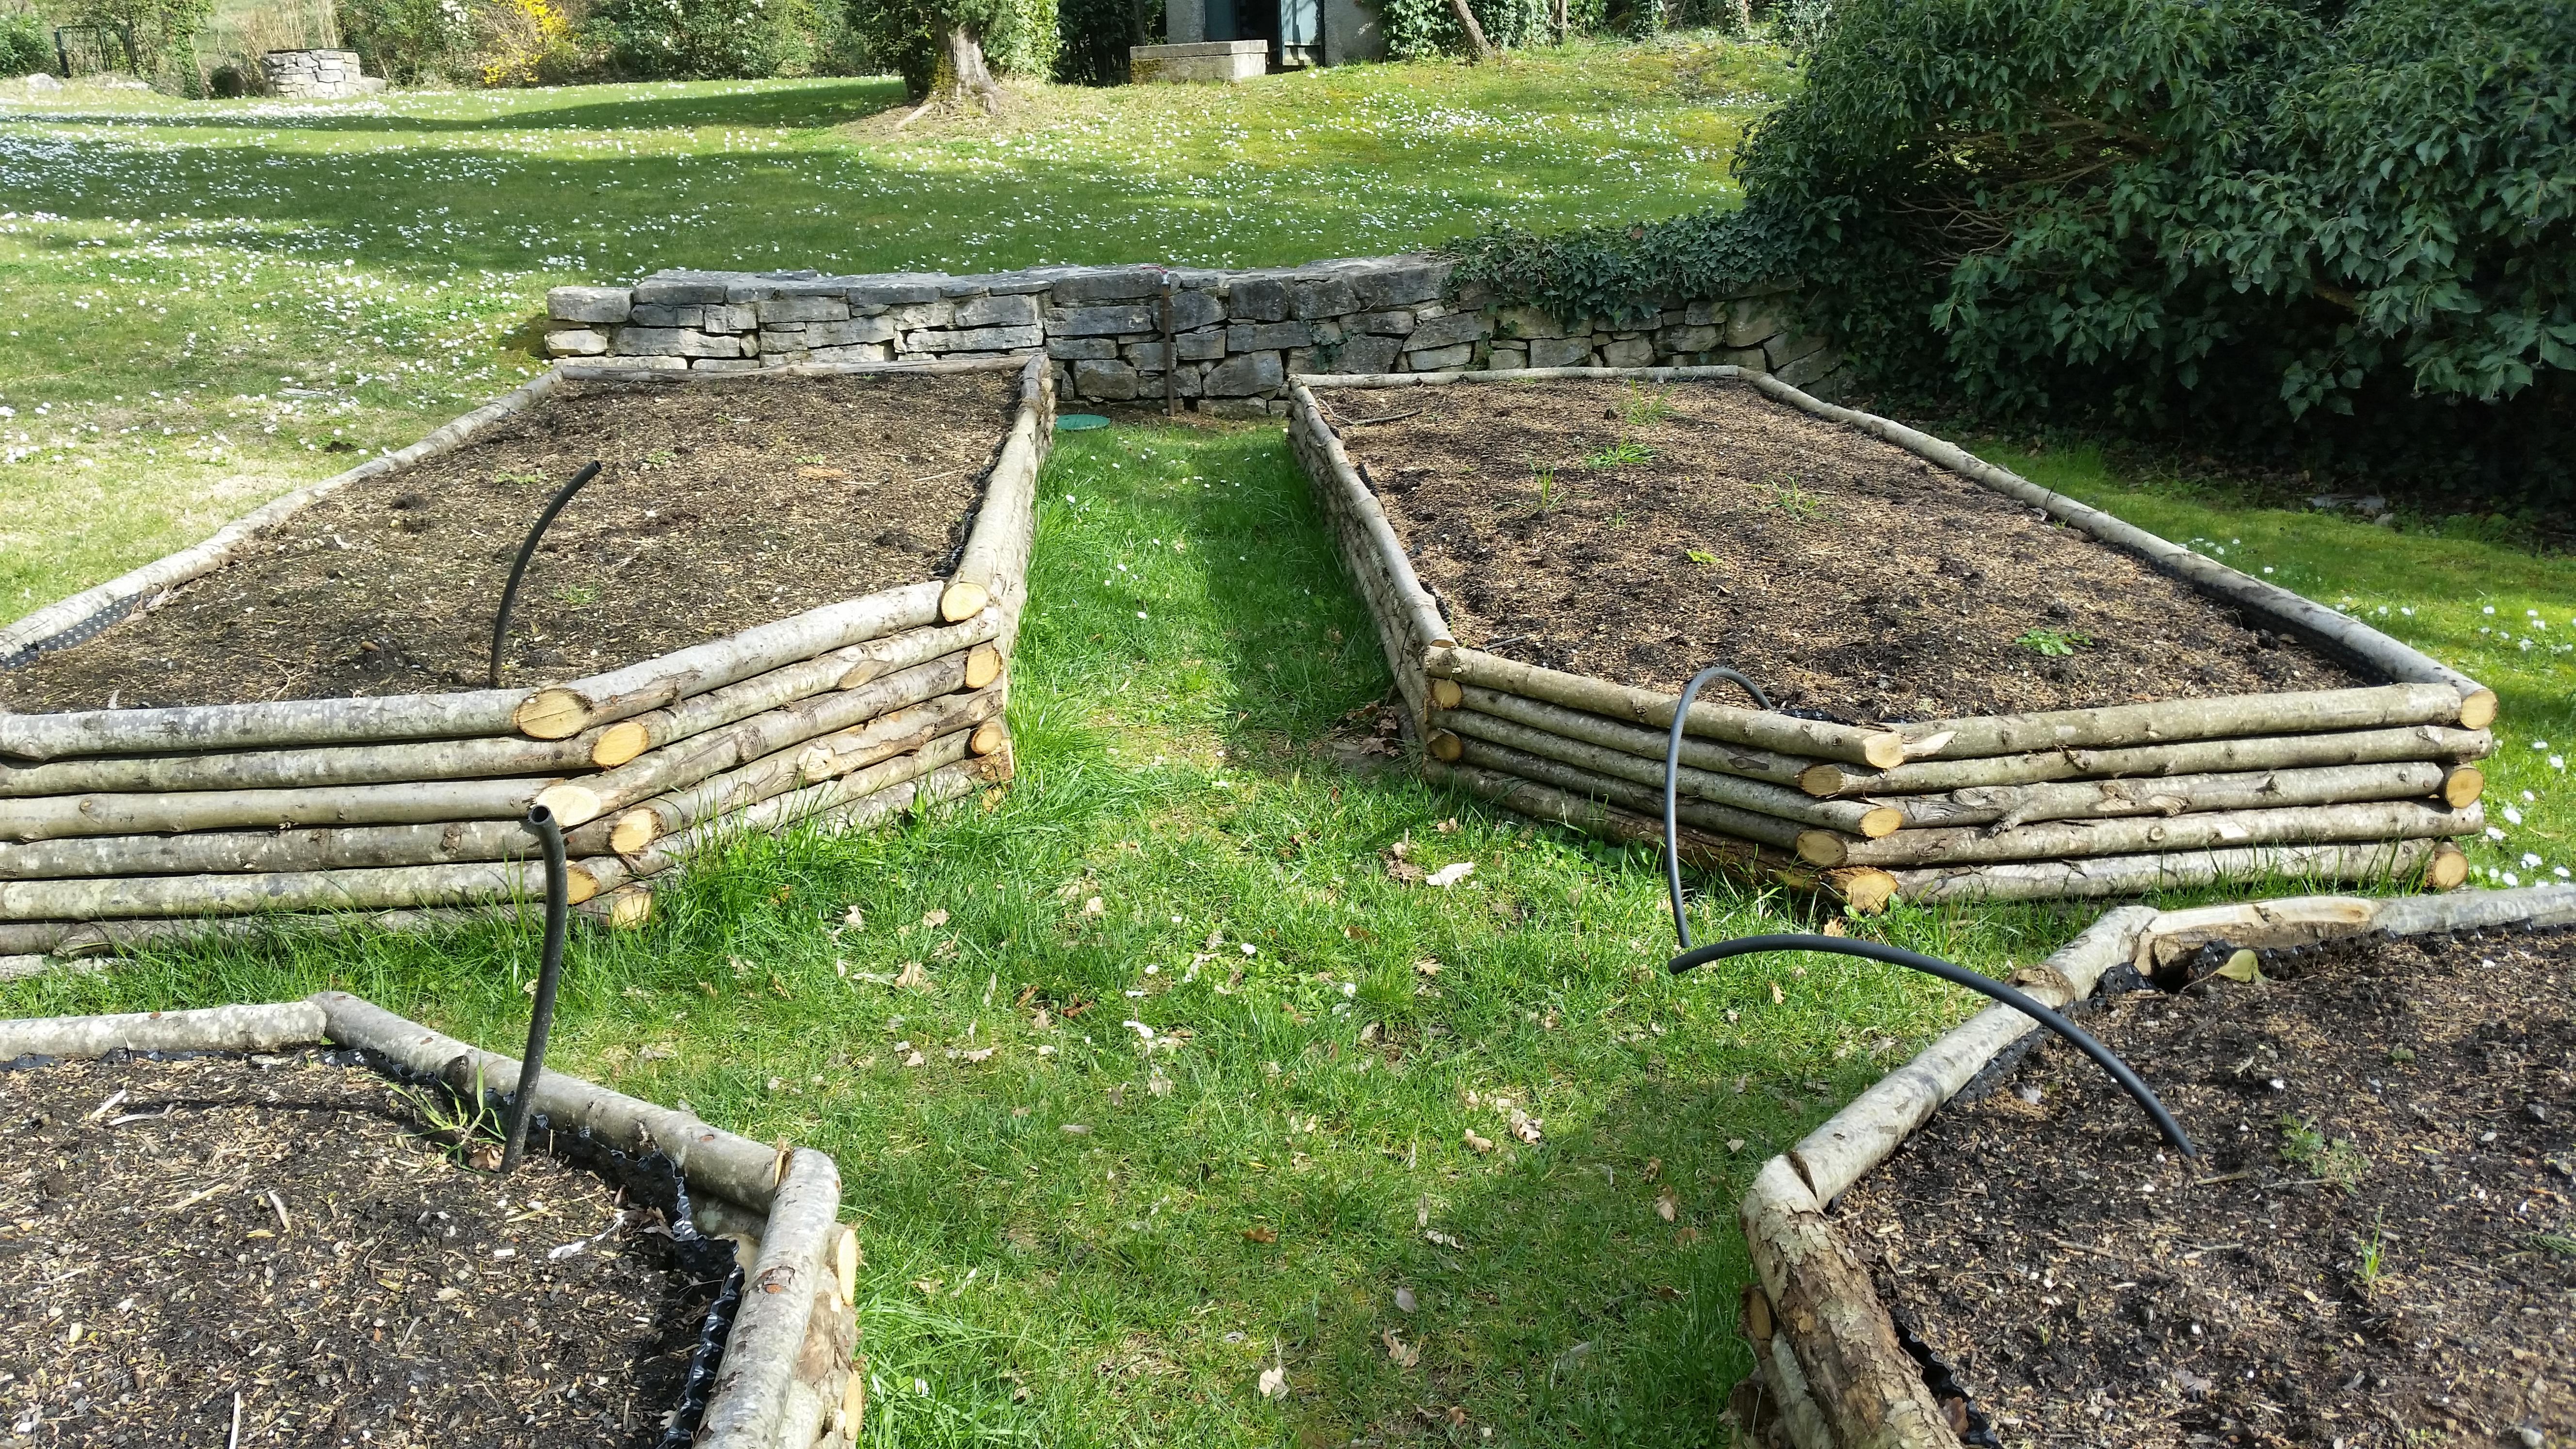 Strutture in legno vivaio bellucci e stefanelli todi for Orto giardino